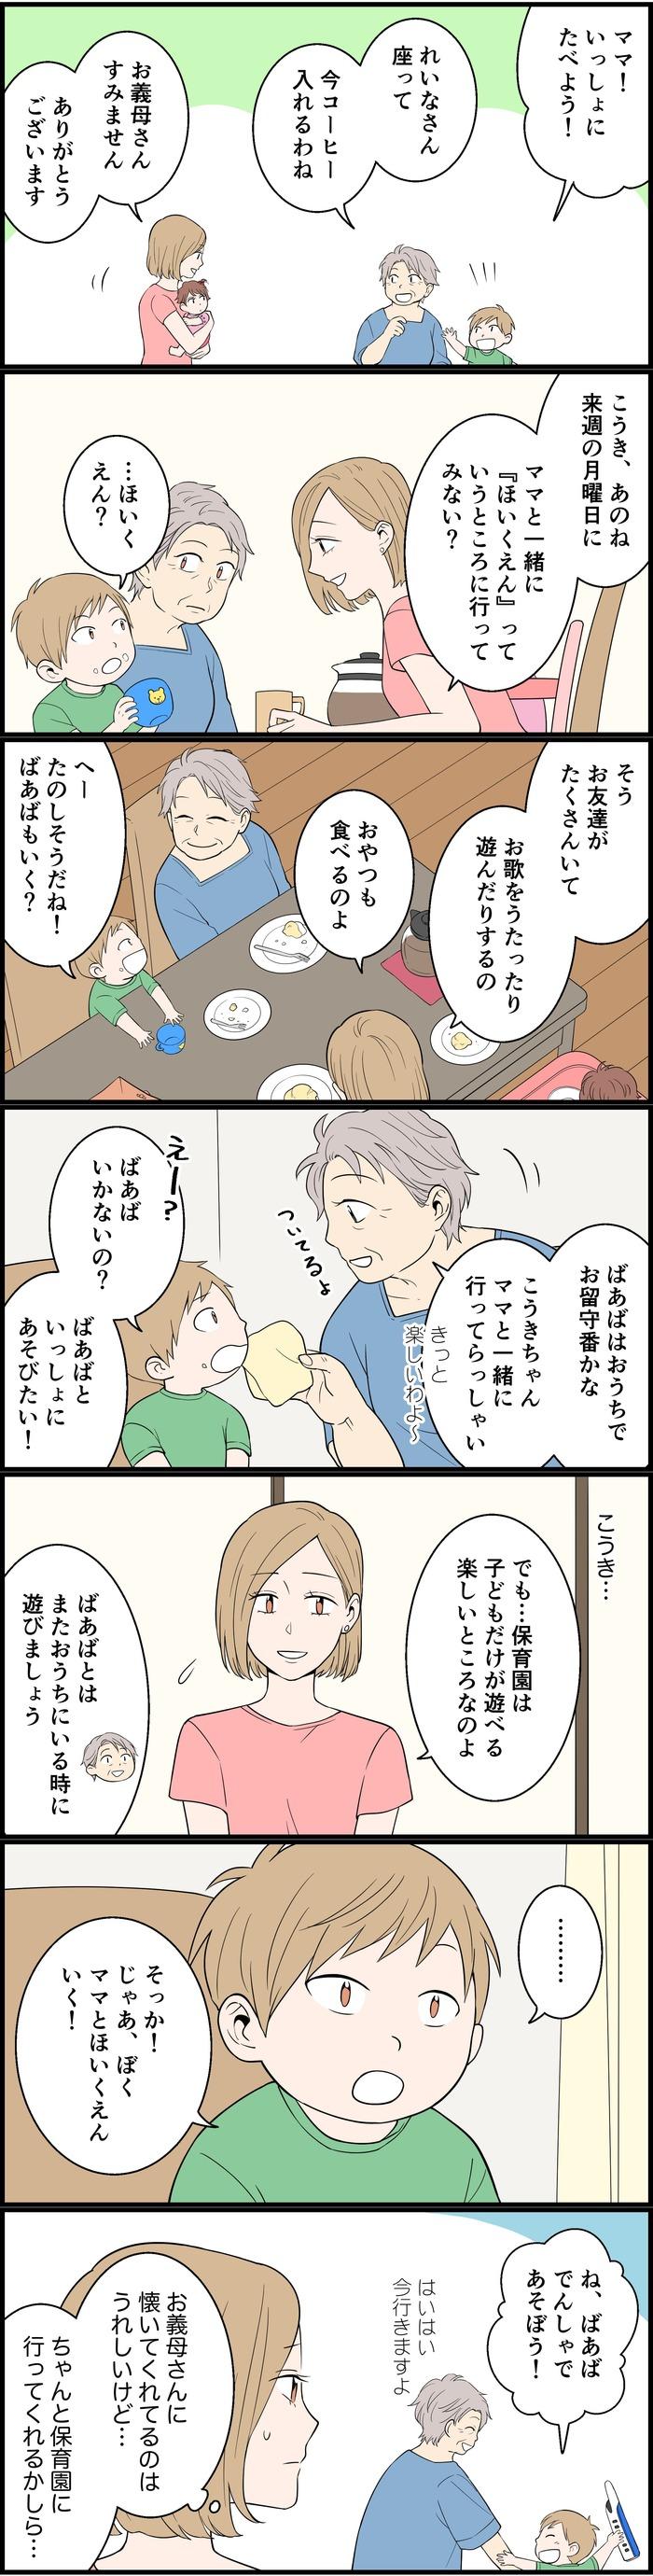 同居しながら、就活に保活。「ほいくえん」に対する息子の反応は…?の画像3